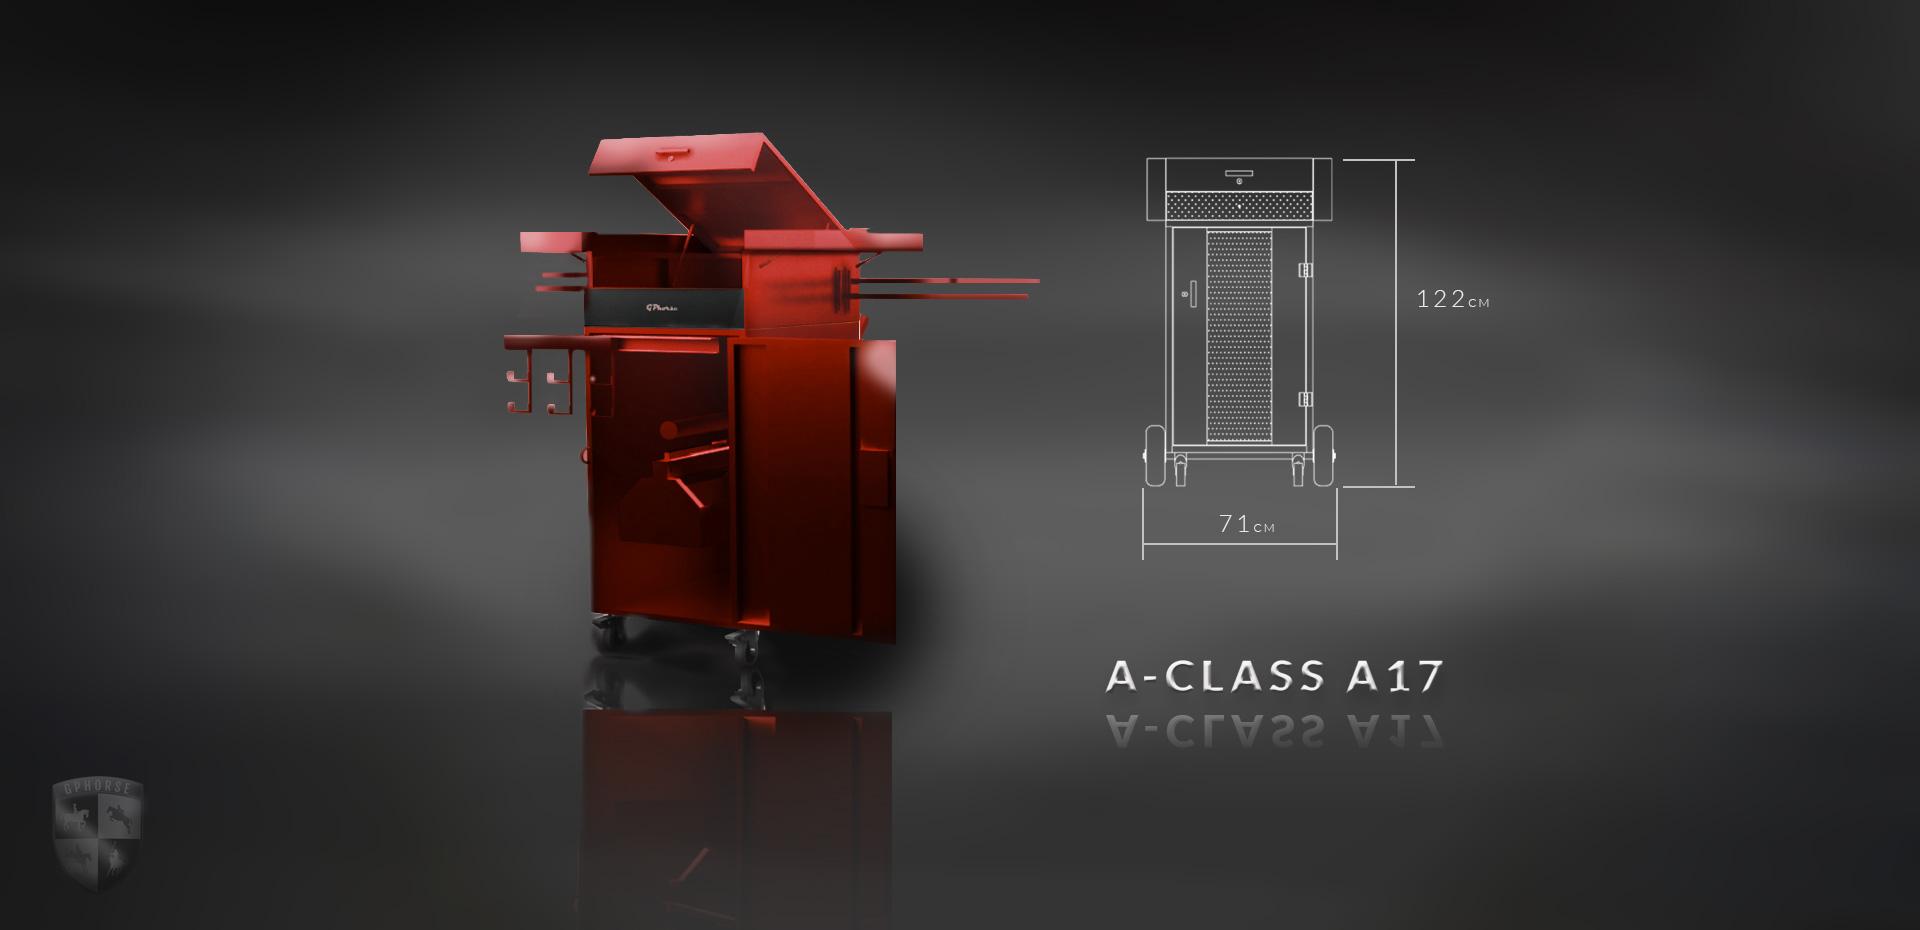 tlo-a-class-a17